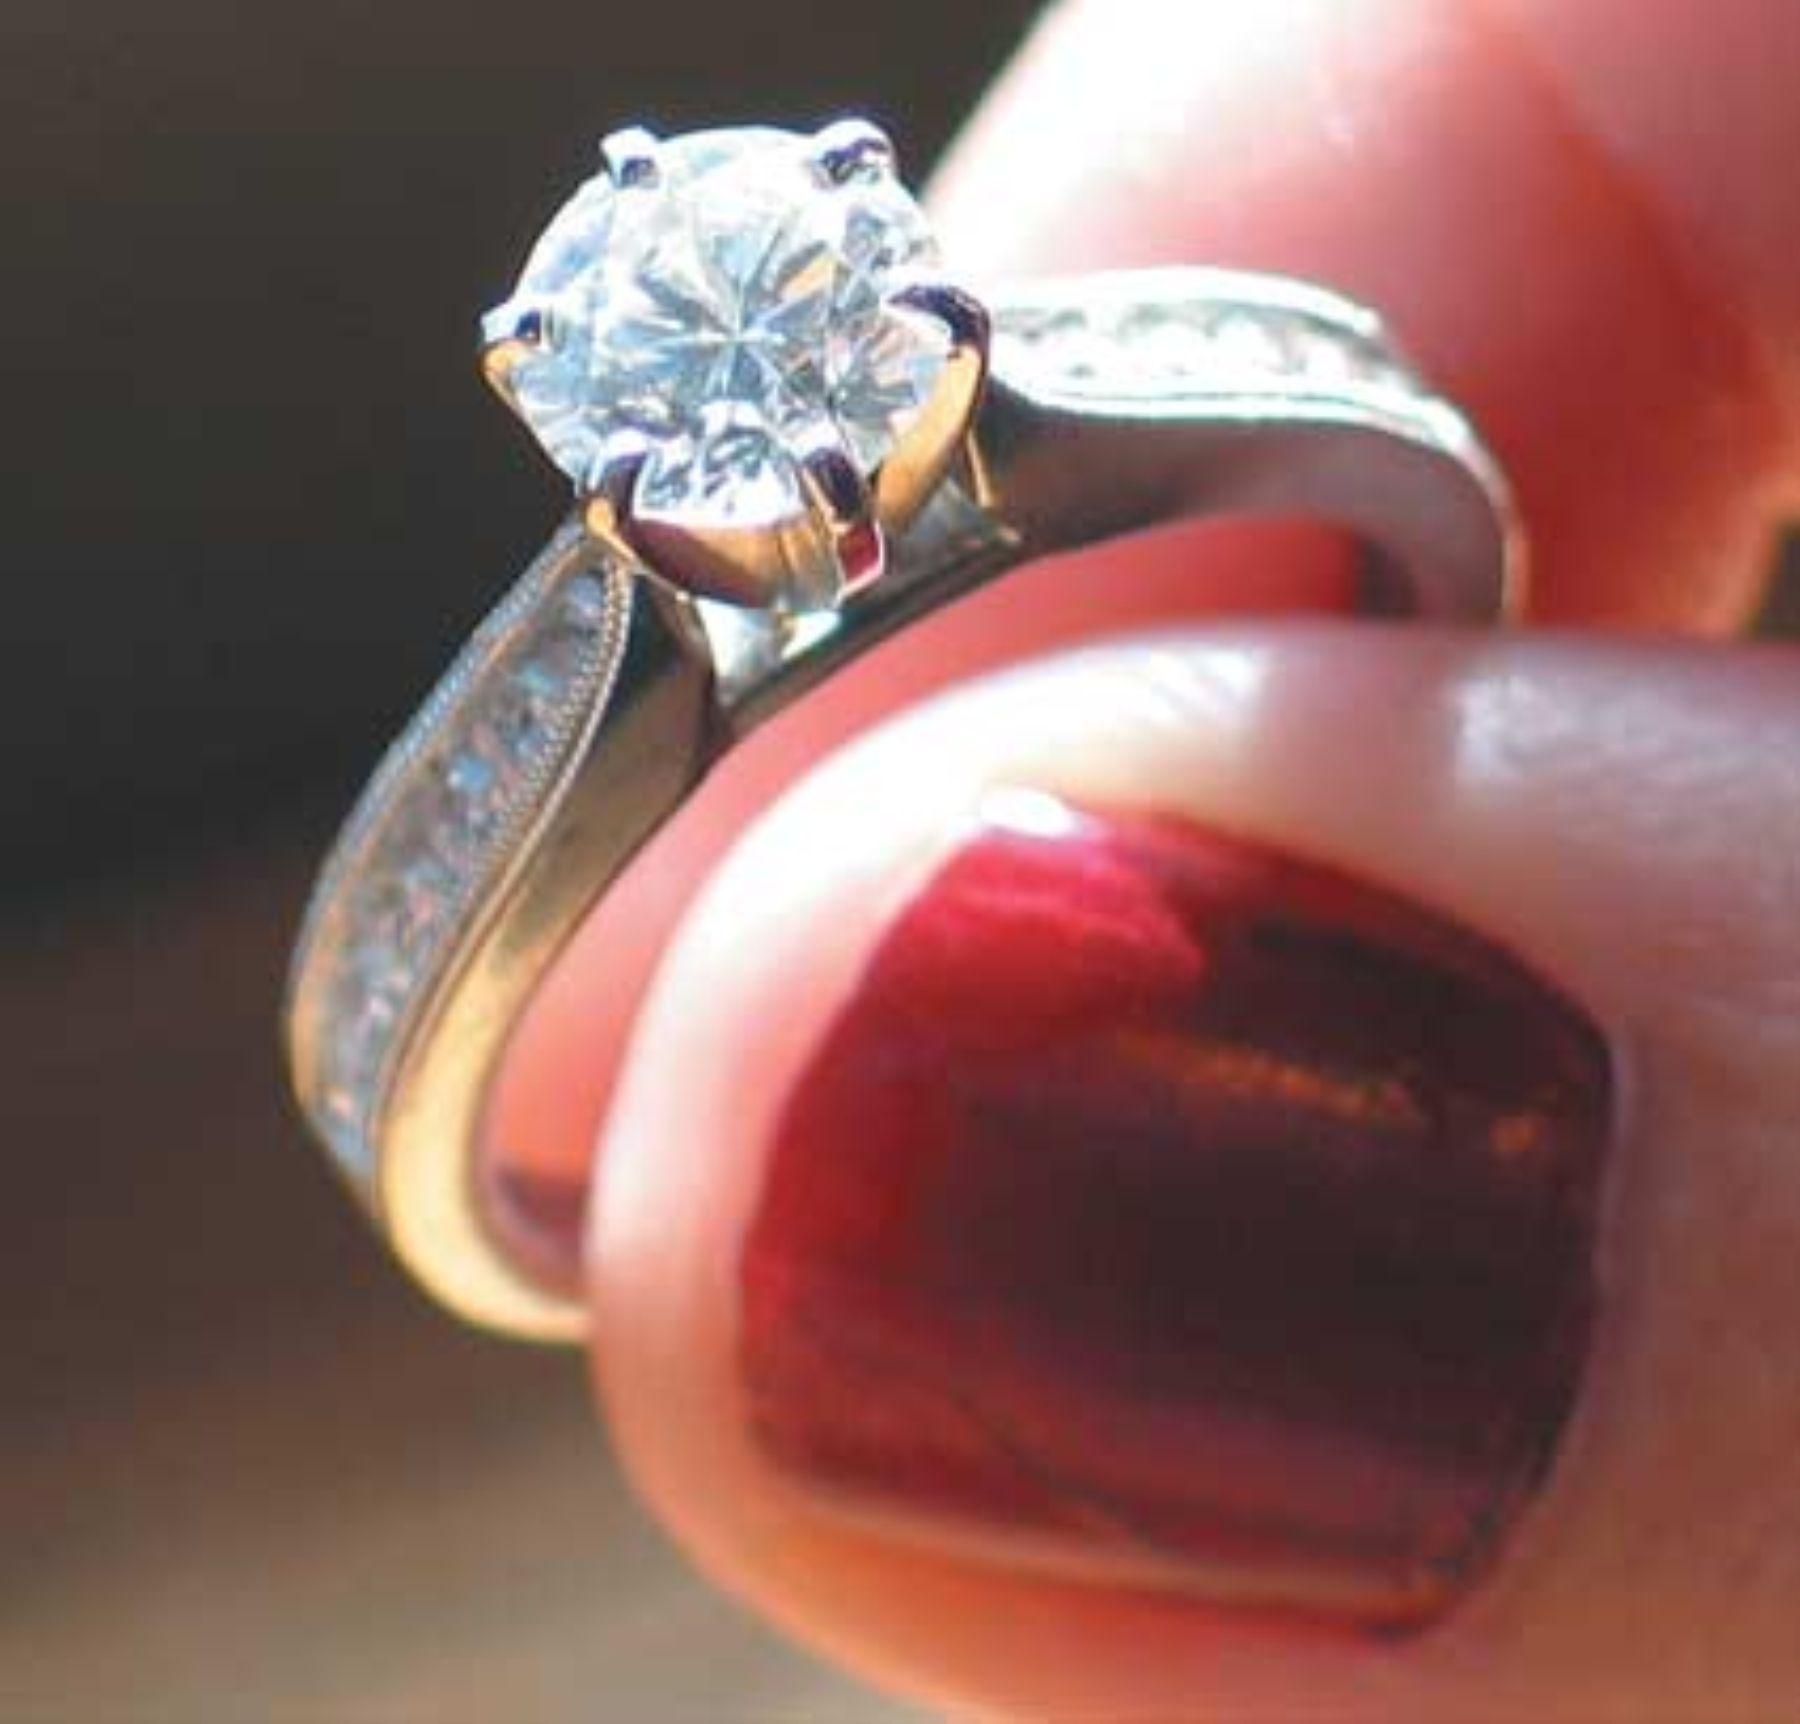 b5d64b8b1af9 Venta de diamantes en Perú crecerá 50% este año debido a mayores ...